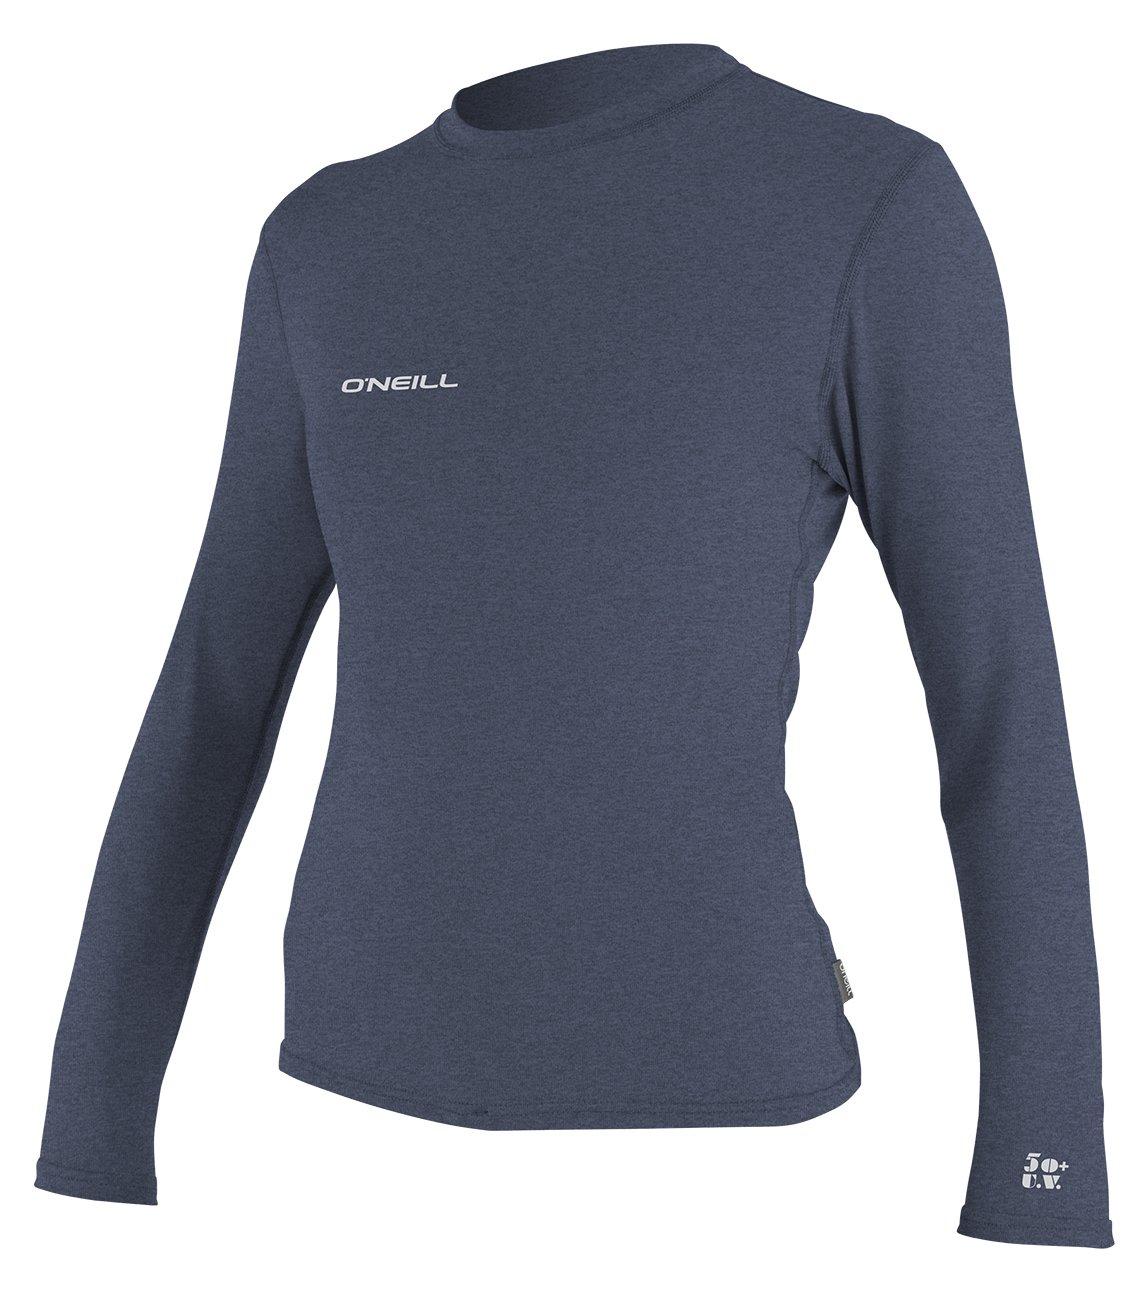 O'Neill Women's Hybrid UPF 50+ Long Sleeve Sun Shirt, Mist, X-Small